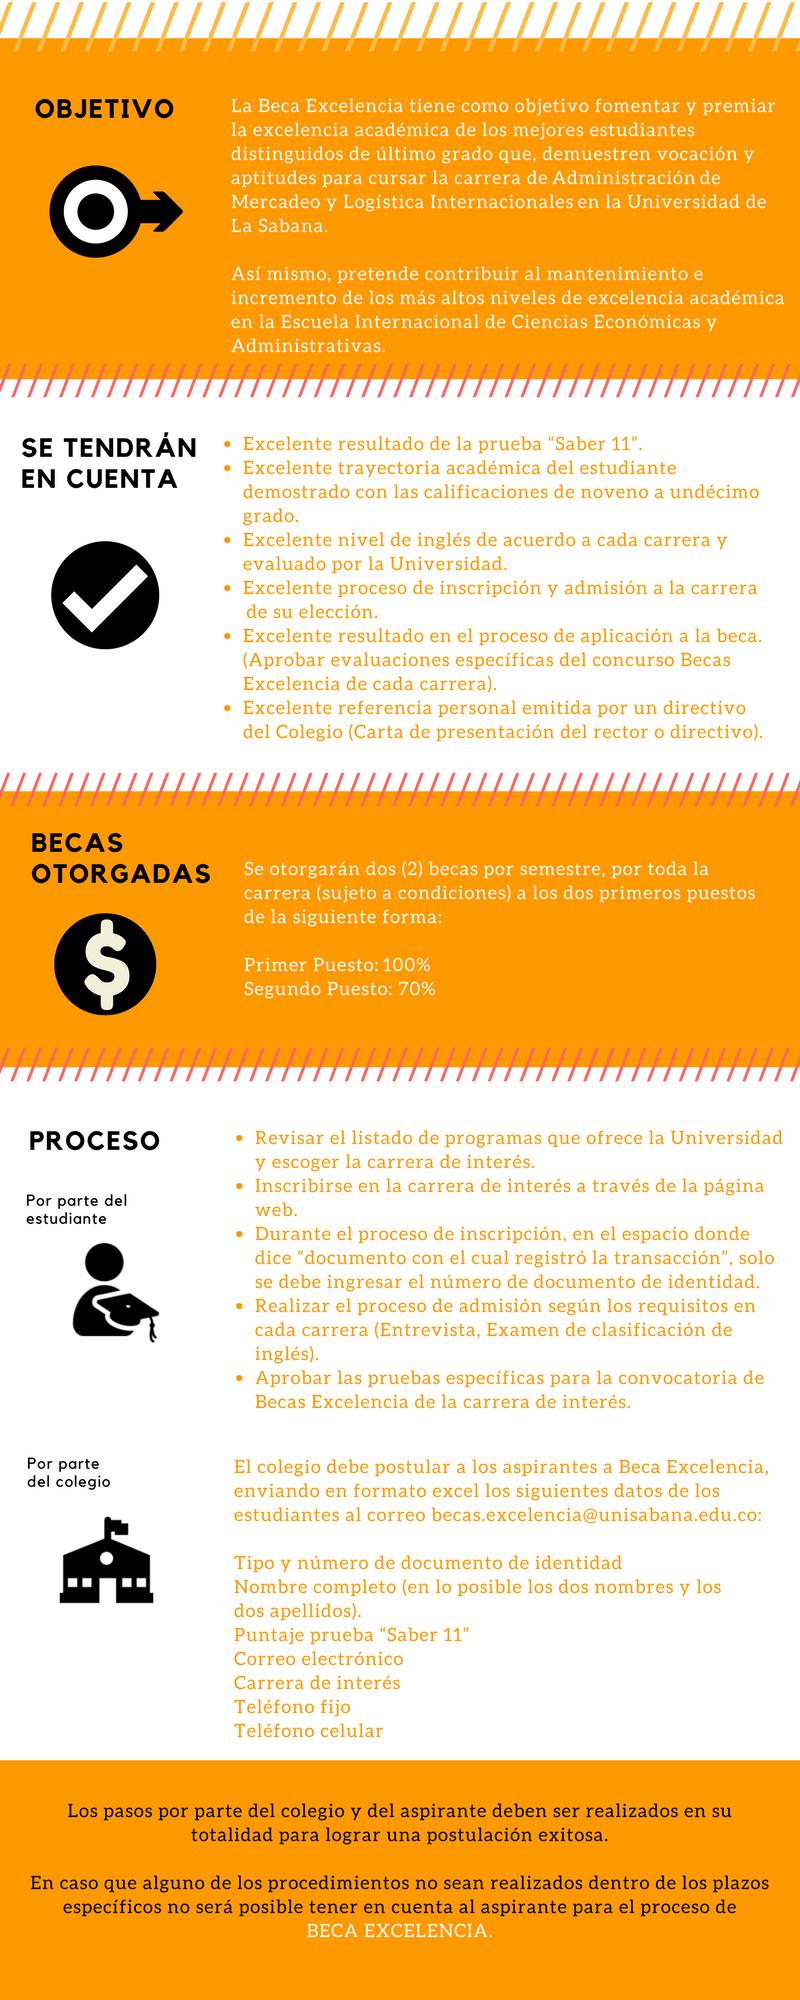 info-beca-excelencia-administracion-mercadeo-logistica-eicea-unisabana